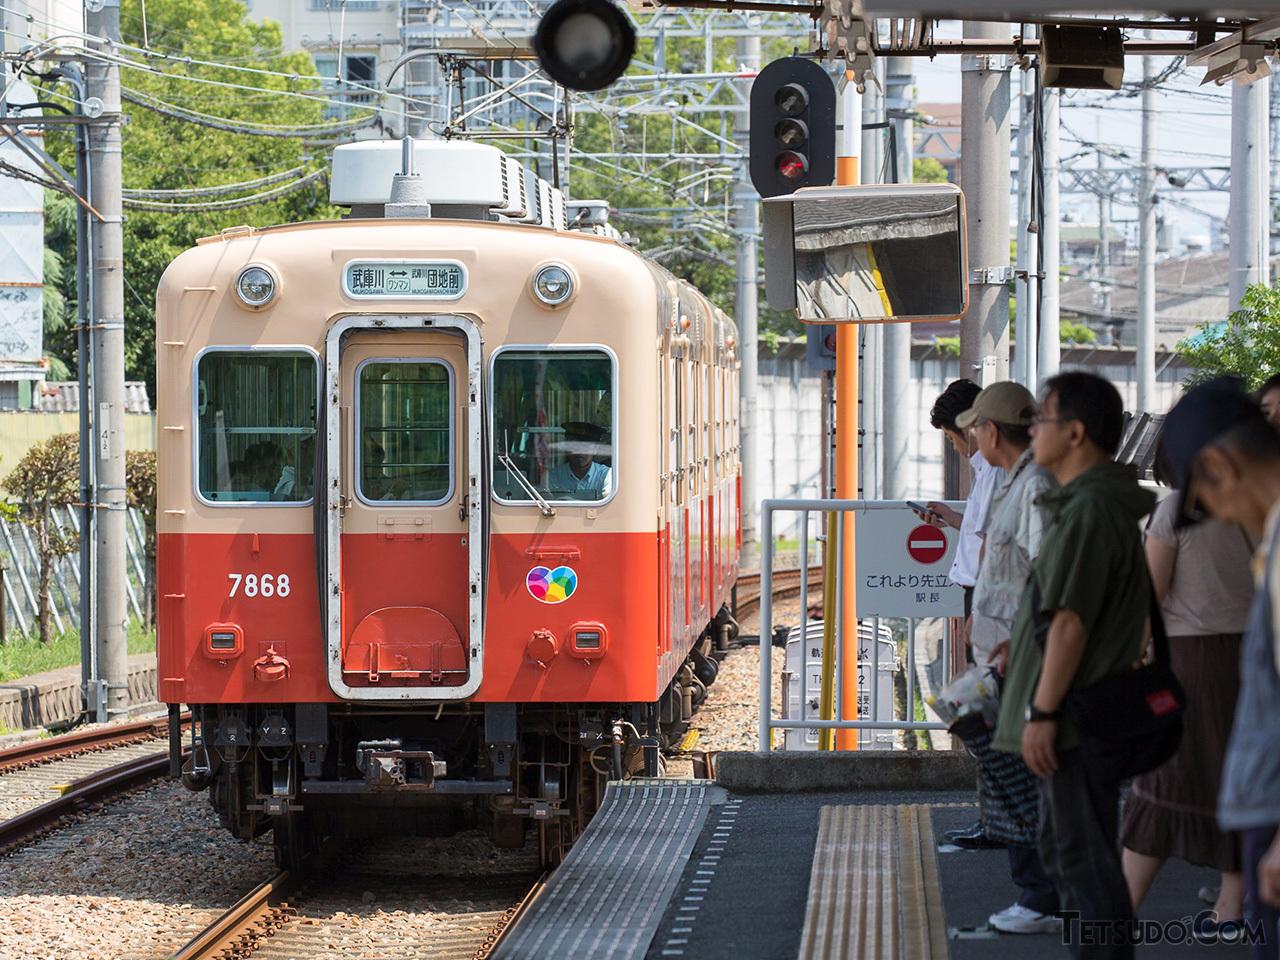 9300系登場前に採用されていた「赤胴車」のカラーリング。現在は武庫川線に残るのみですが、6月に置き換えられ消滅する予定です